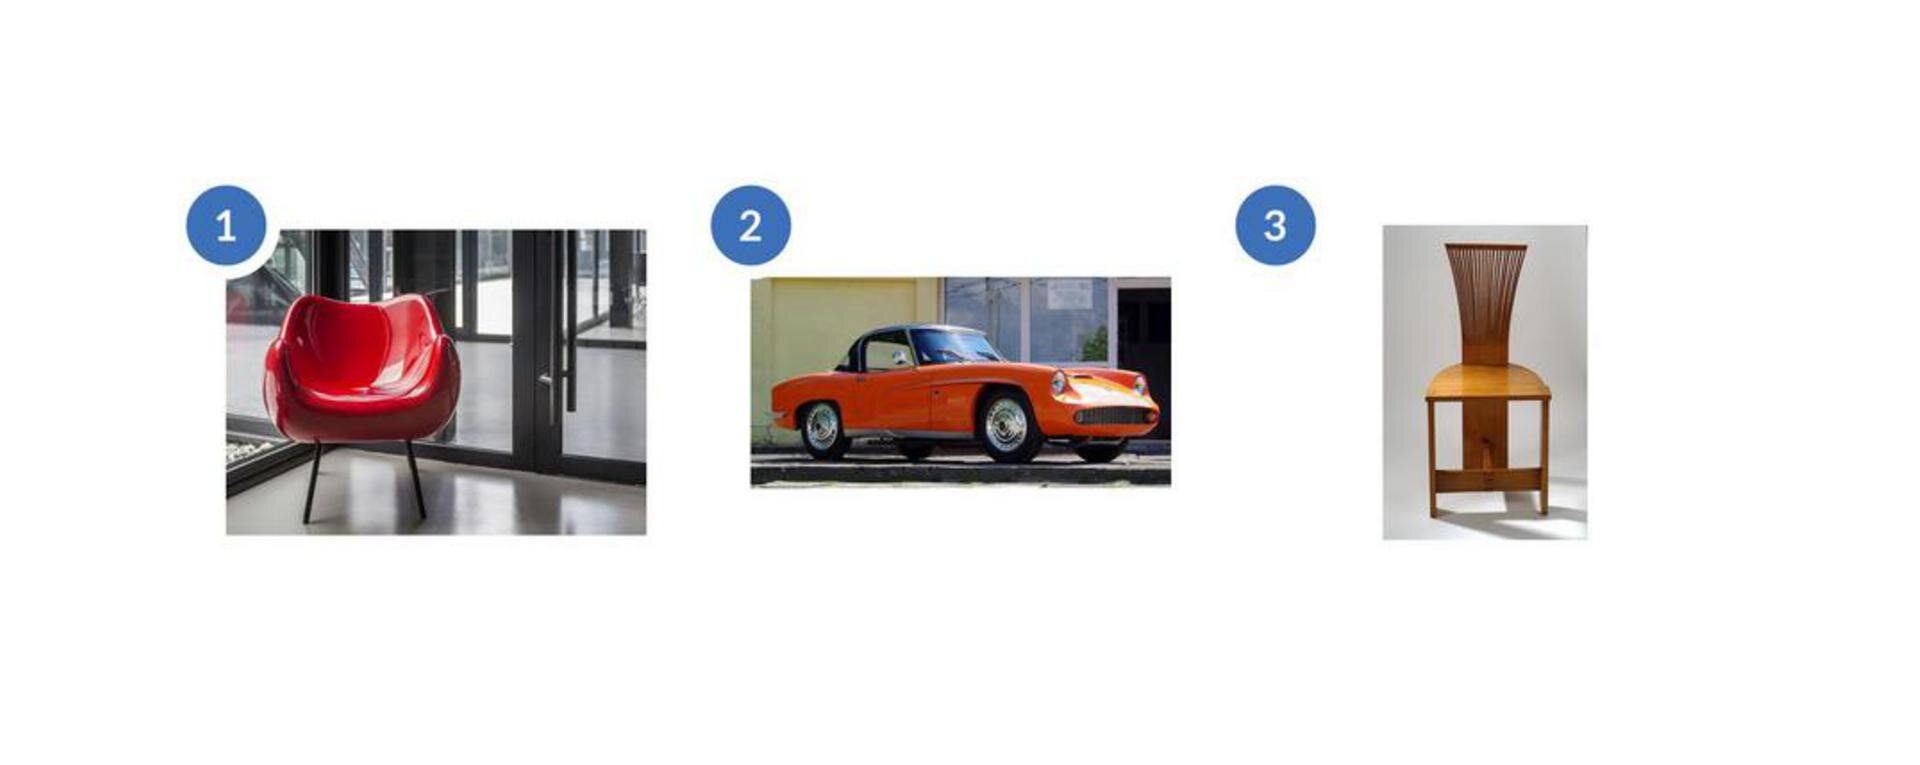 """Pierwsze zdjęcie przedstawia projekt fotela. Jest to czerwony plastikowy fotel stojący na czterech cienkich, długich nogach. Fotel stoi wpomieszczeniu przed drzwiami. drugie zdjęcie przedstawia samochód Syrenę Sport. Jest to pomarańczowa dwudrzwiowa Syrena zchromowanymi felgami ilusterkami. Lampy przednie przypominają oczy, aponiżej nich jest kratkowany owalny grill. Samochód stoi na tle żółtego budynku ze szklaną witryną. Trzecie zdjęcie przedstawia projekt pt. """"Krzesło Piórka"""". Jest to krzesło wykonane zdrewna ojasno brązowym kolorze. Oparcie wygląda jakby było zrobione zcienkich listewek szersze ugóry, awęższe przy części do siedzenia. Oparcie chodzi aż do ziemi stanowiąc trzecią nogę krzesła. Udołu pod częścią do siedzenia są dwie prostopadle do siebie połączone deski stanowiące umocnienie konstrukcji krzesła."""